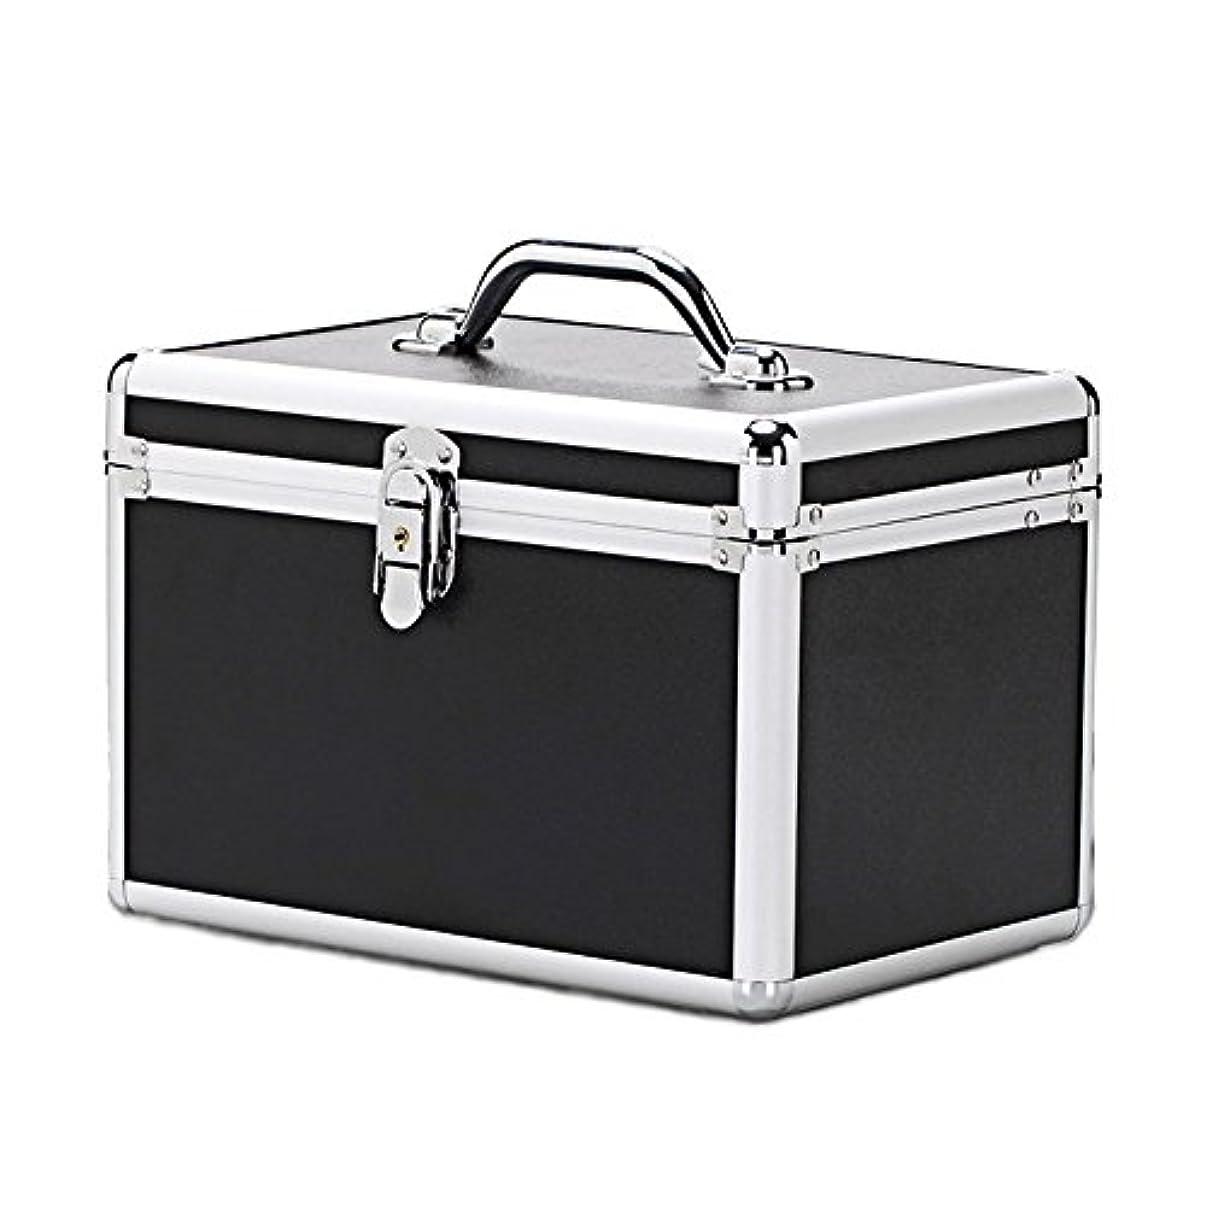 俳優オリエンタルベッドメイクボックス メイクブラシ 収納 トレー付き 大容量 NLS-3